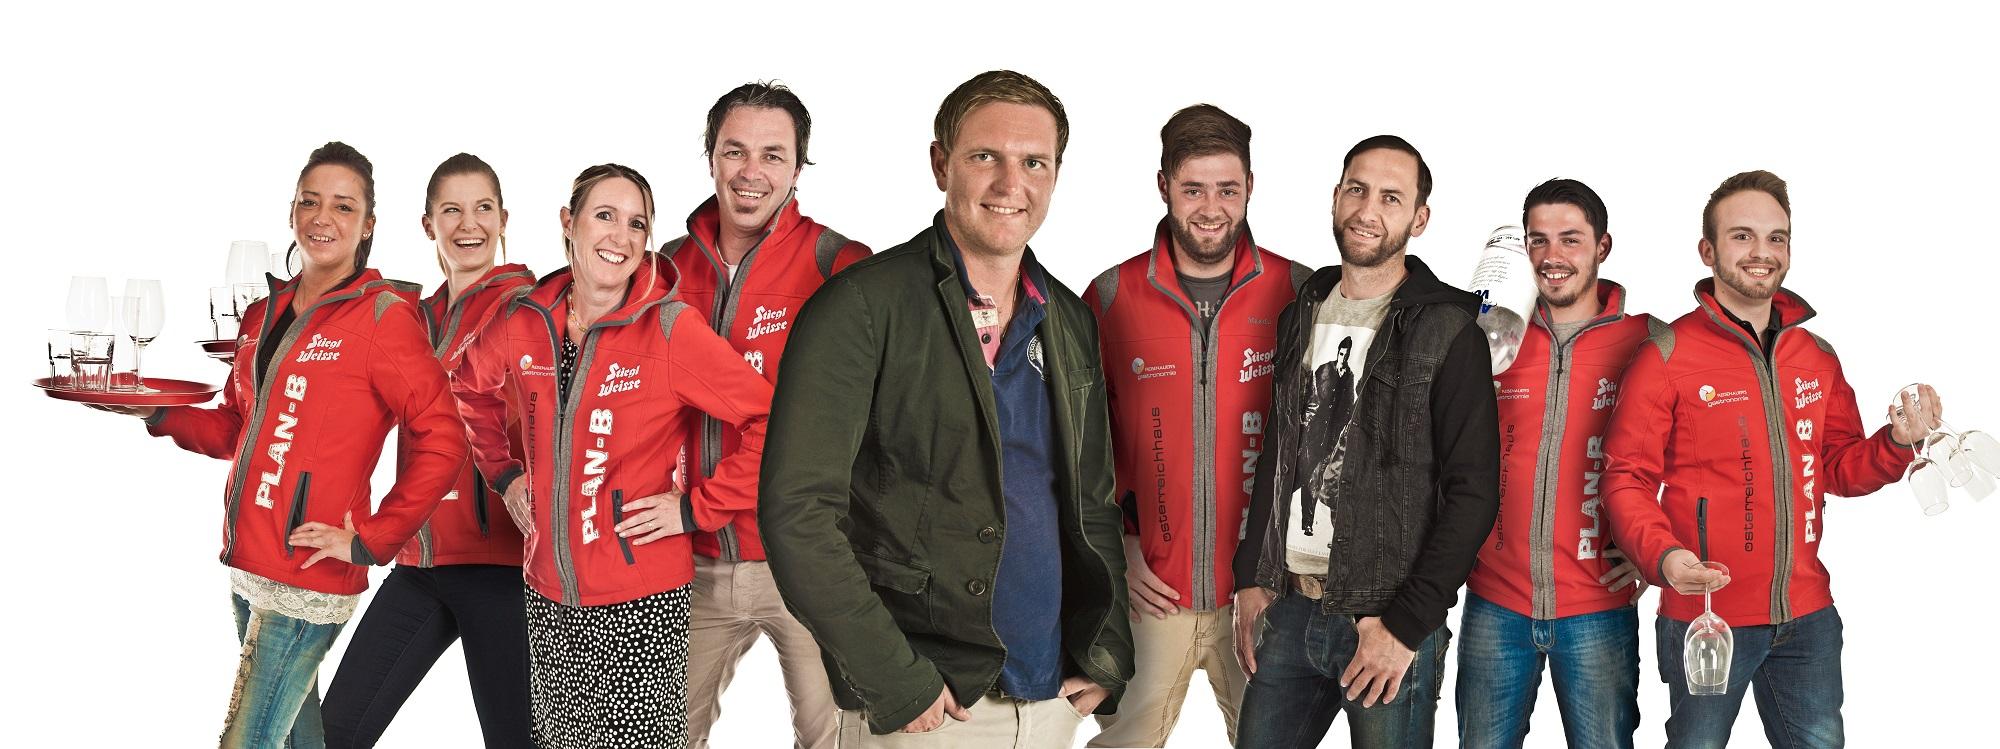 Team_Reisenauer02.jpg